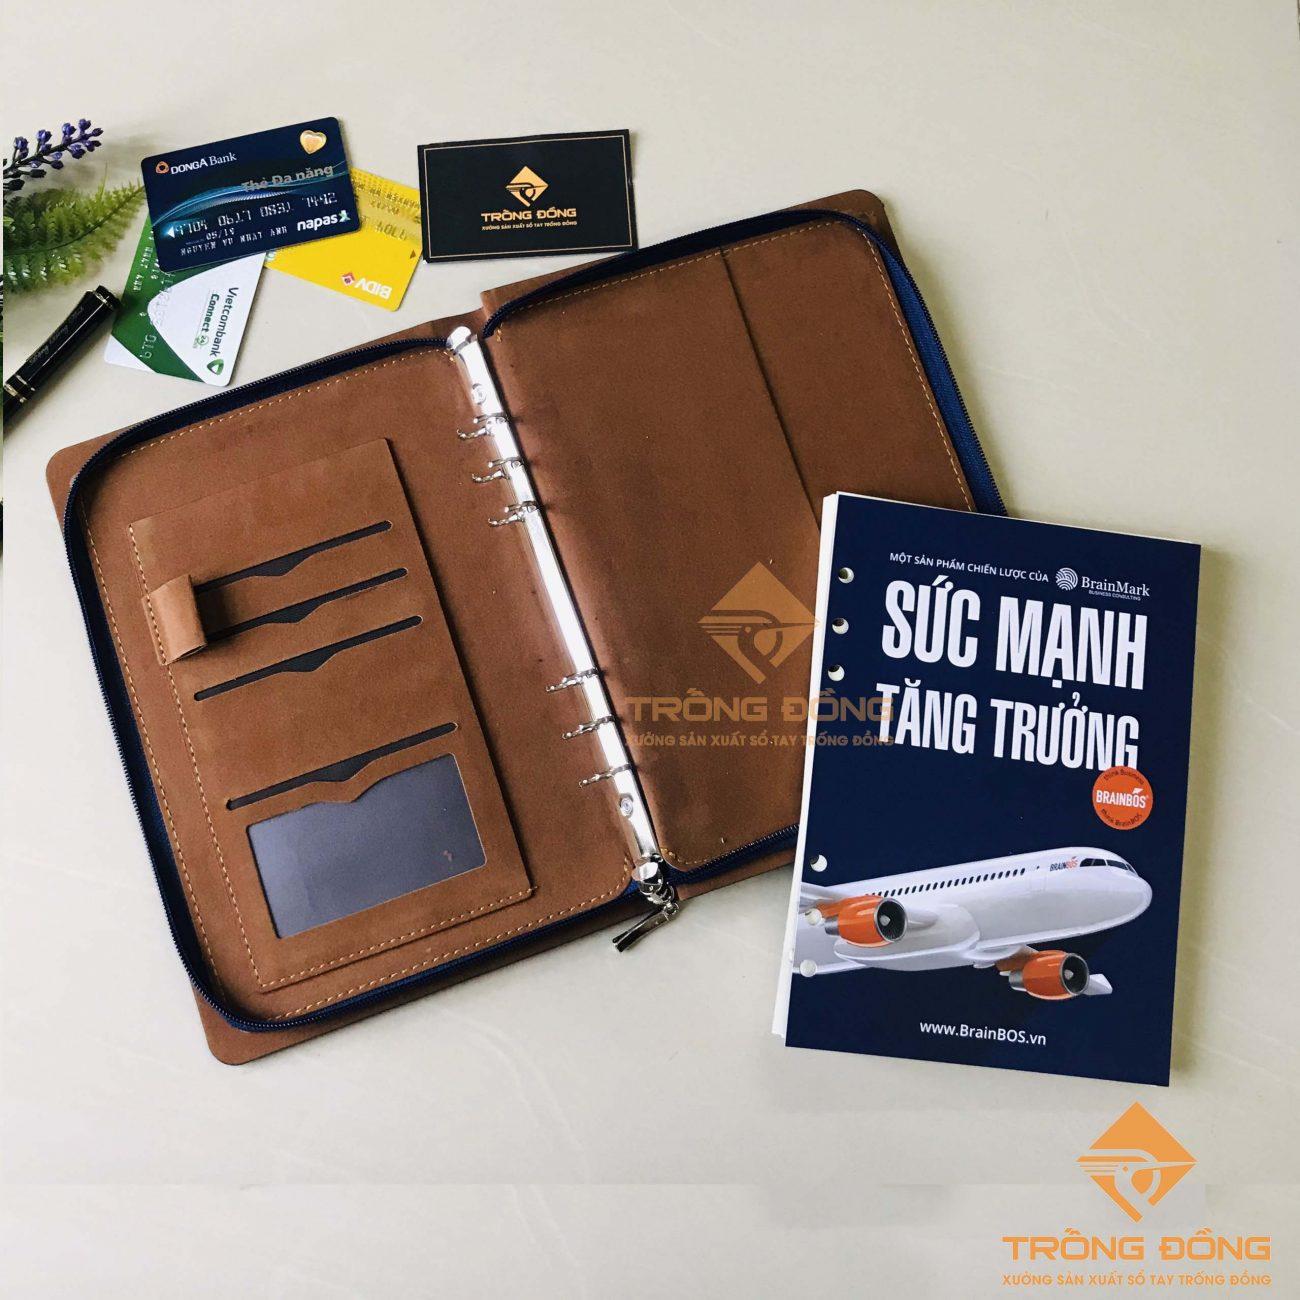 Bên trong bìa sổ có các ngăn đa năng đựng thẻ card và giấy tờ tiện lợi.